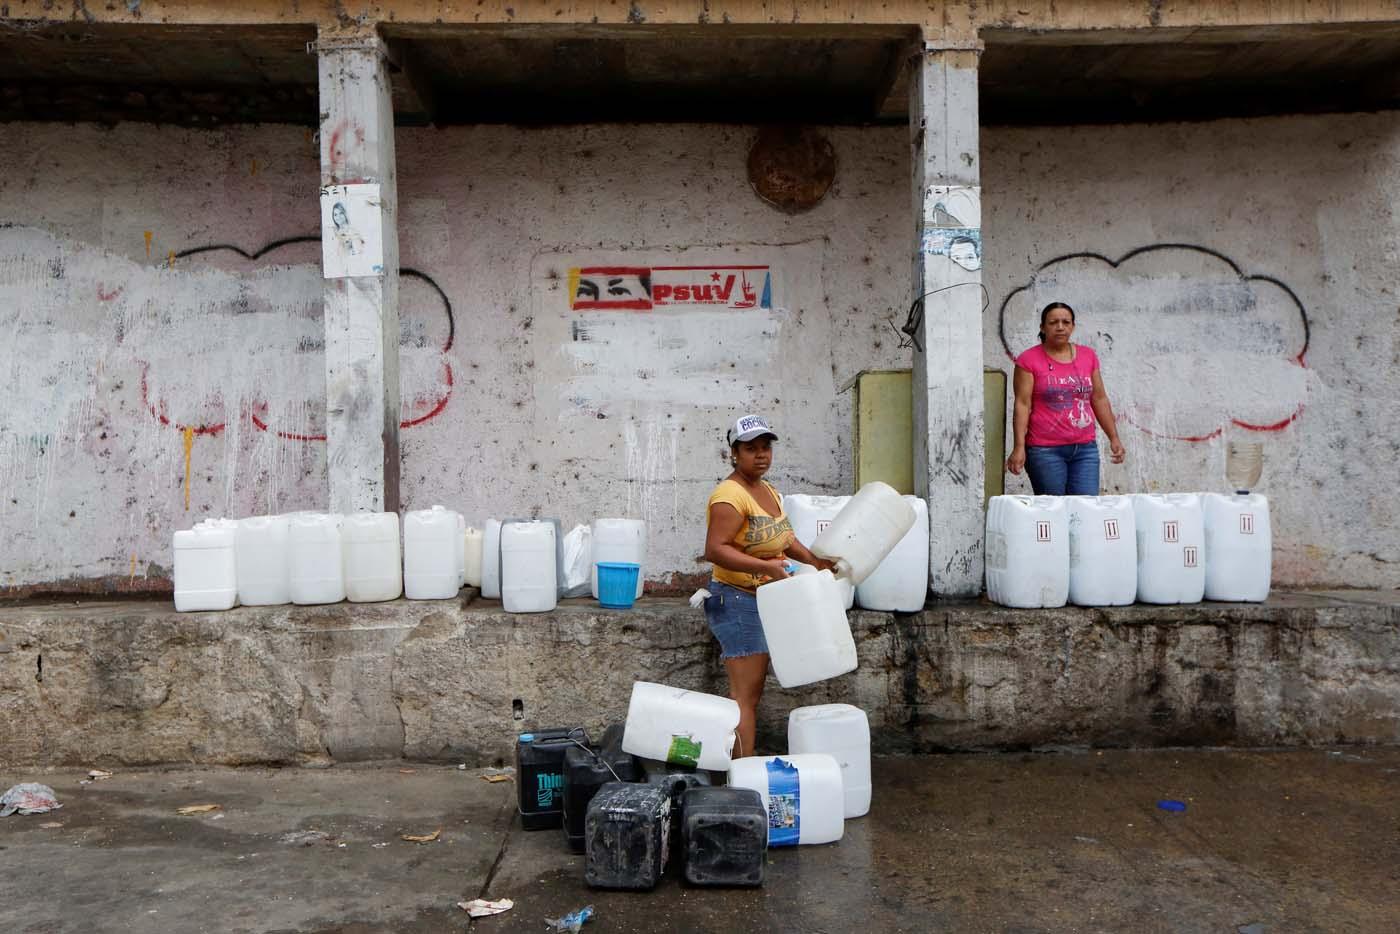 El humillante racionamiento de agua y electricidad en for Racionamiento de luz en aragua